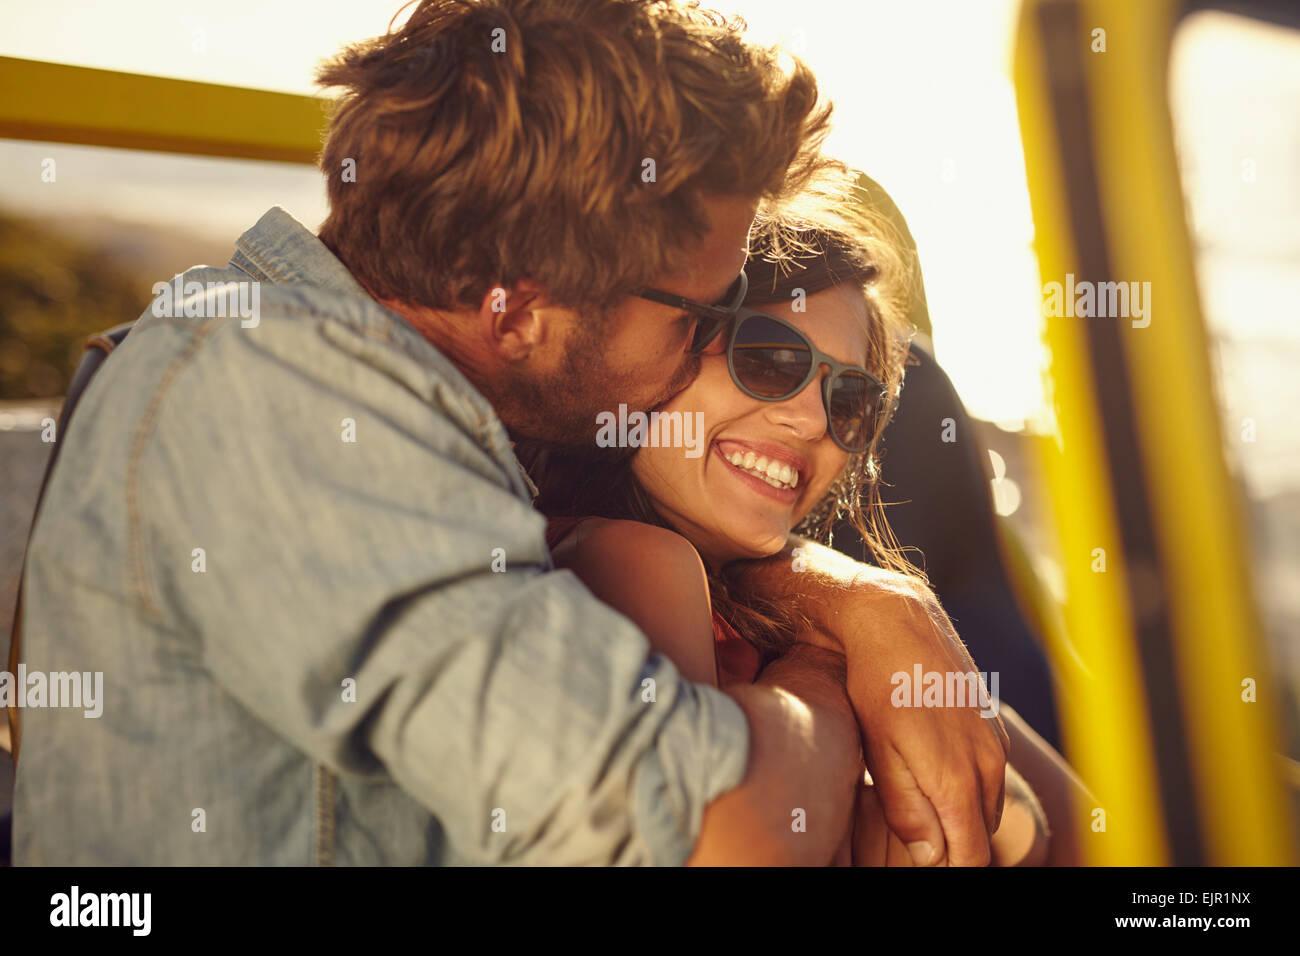 Jeune homme embrassant et en embrassant sa belle petite amie tandis que sur un voyage sur la route. Couple romantique Photo Stock